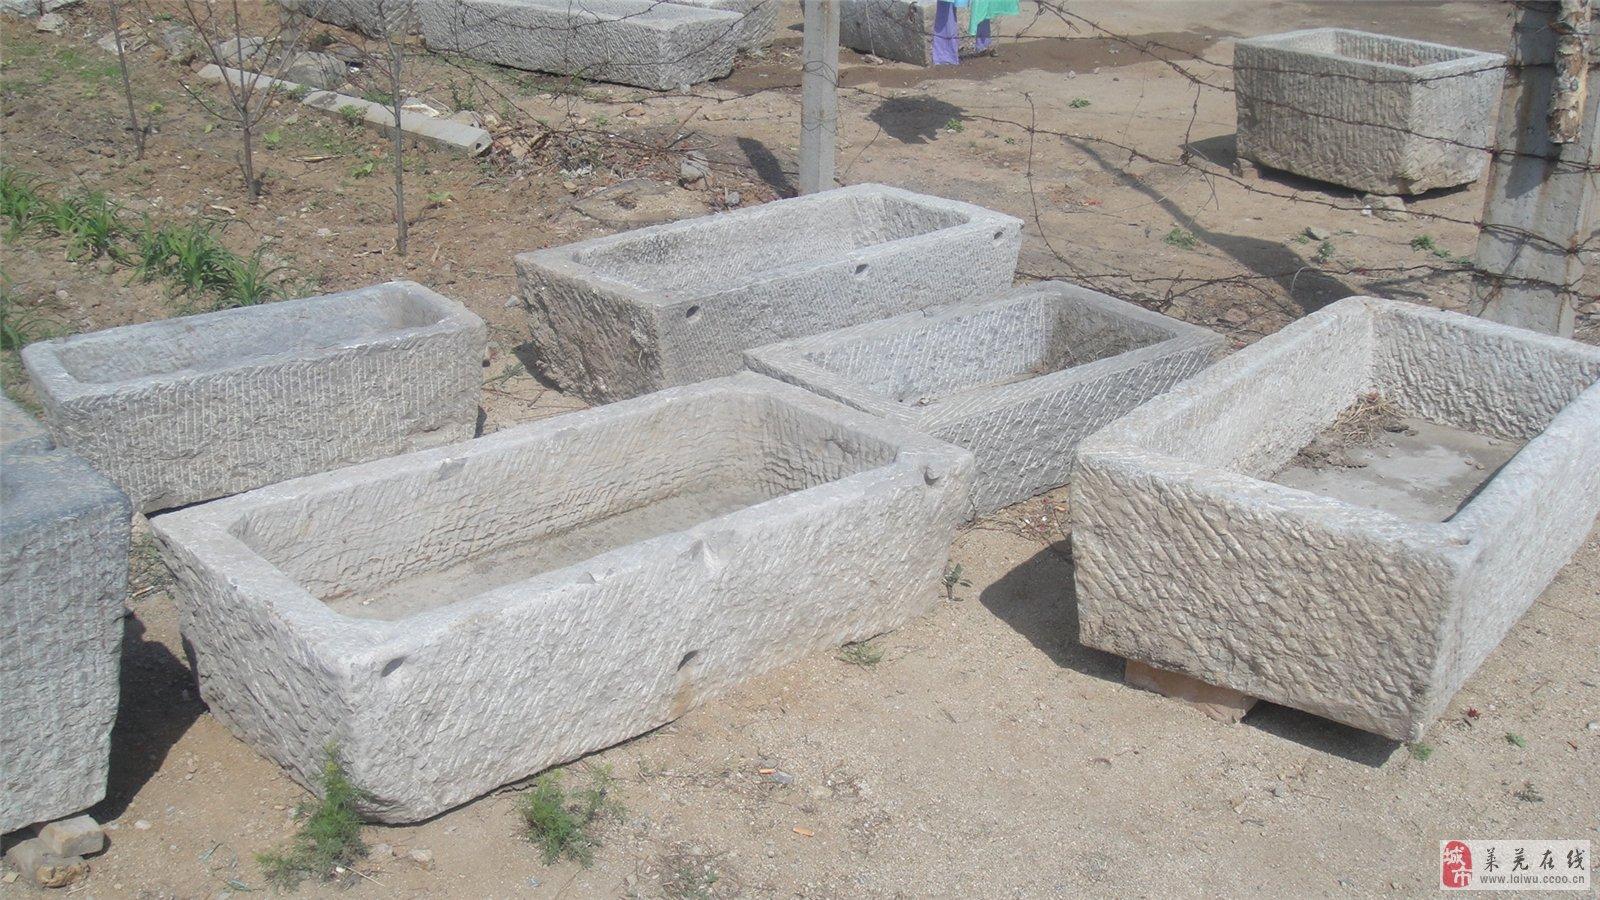 砖砌牛槽的设计图案